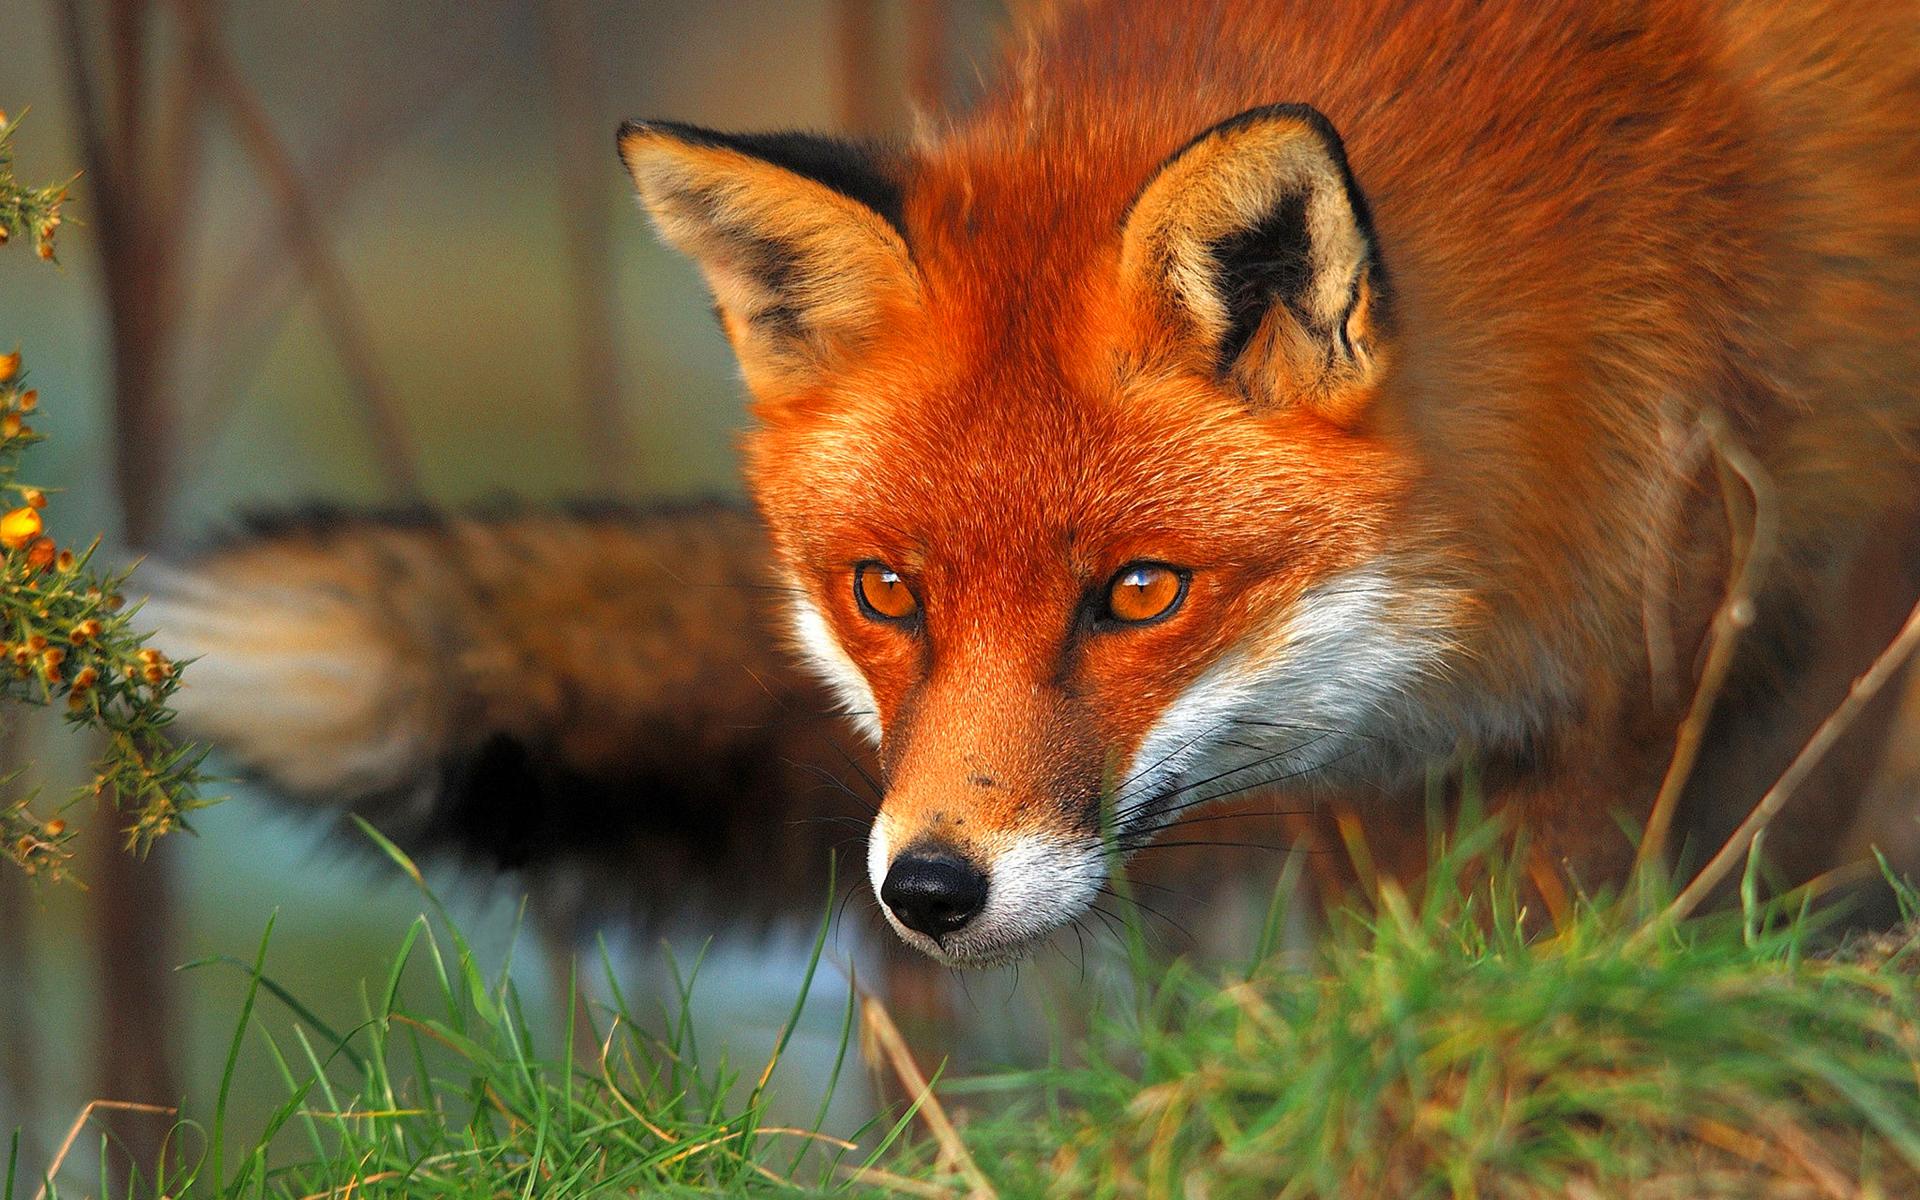 Популяція лисиці в Подільських Товтрах перевищує норму у 16 разів, депутати просять дозволу на відстріл